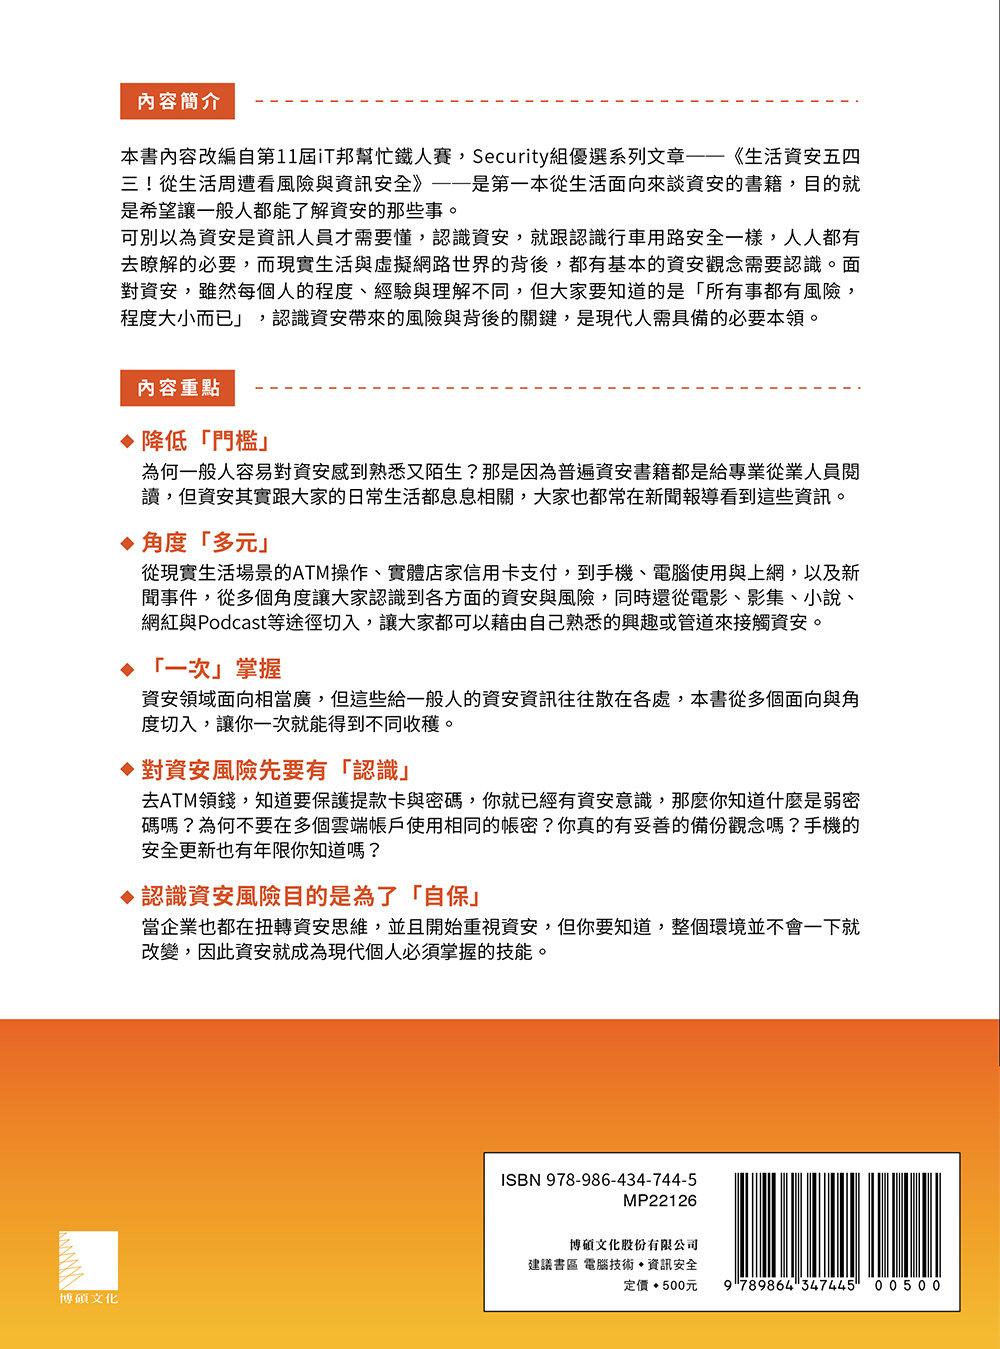 生活資安五四三!:從生活周遭看風險與資訊安全 (iT邦幫忙鐵人賽系列書)-preview-13